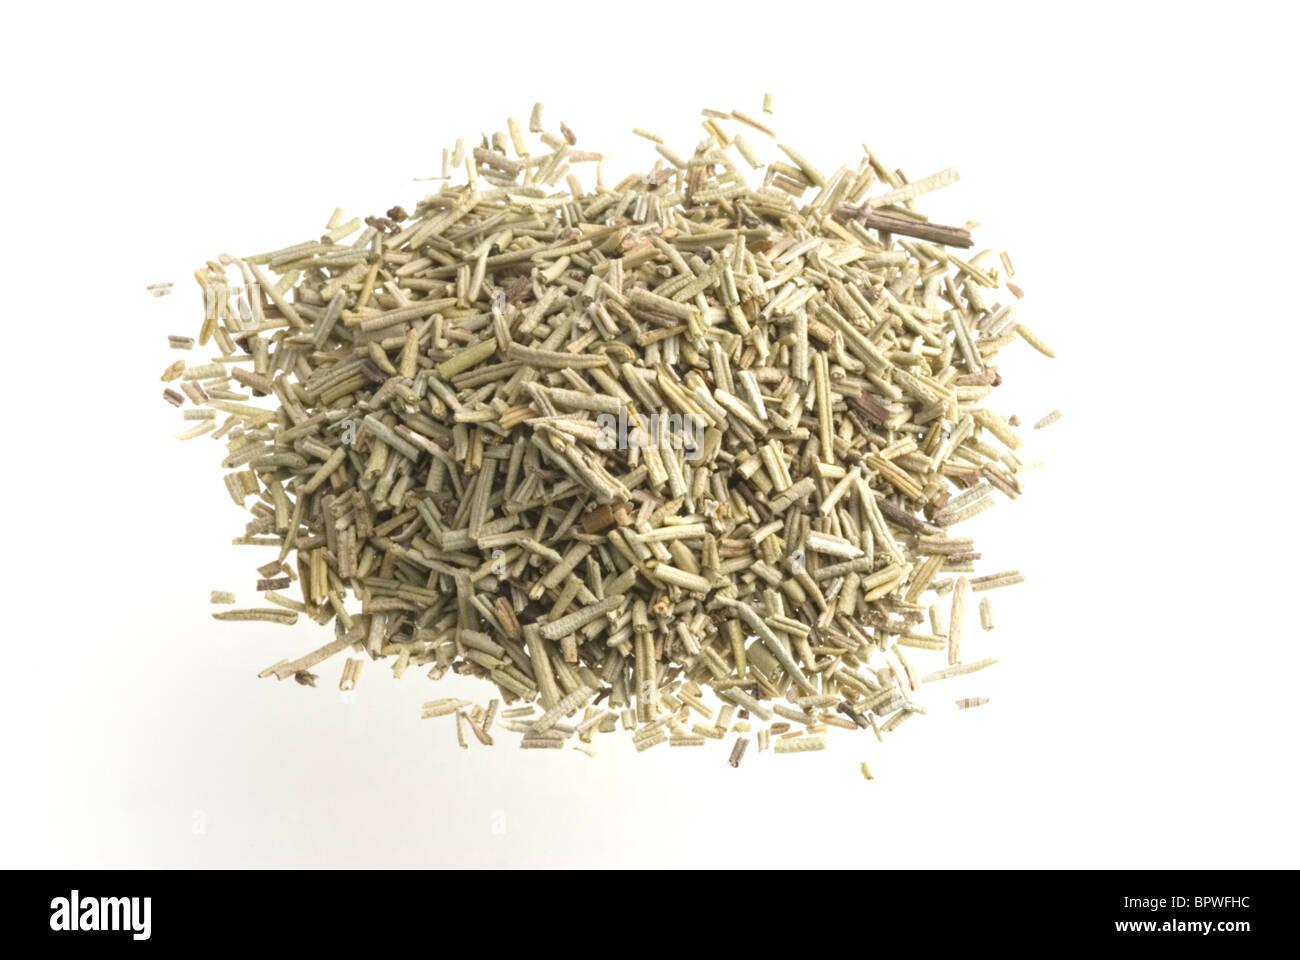 Une pile de l'herbe le romarin, sur un fond blanc. Photo Stock